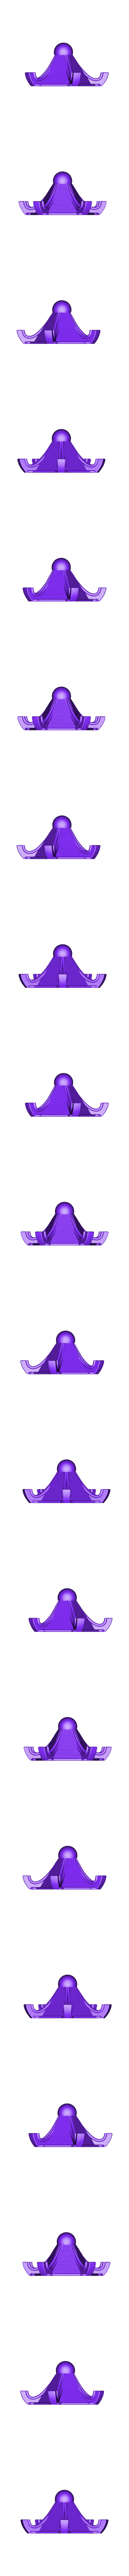 Mod-Litho-Top.stl Télécharger fichier STL gratuit Lanterne Lithophane Modulaire • Design à imprimer en 3D, ChrisBobo